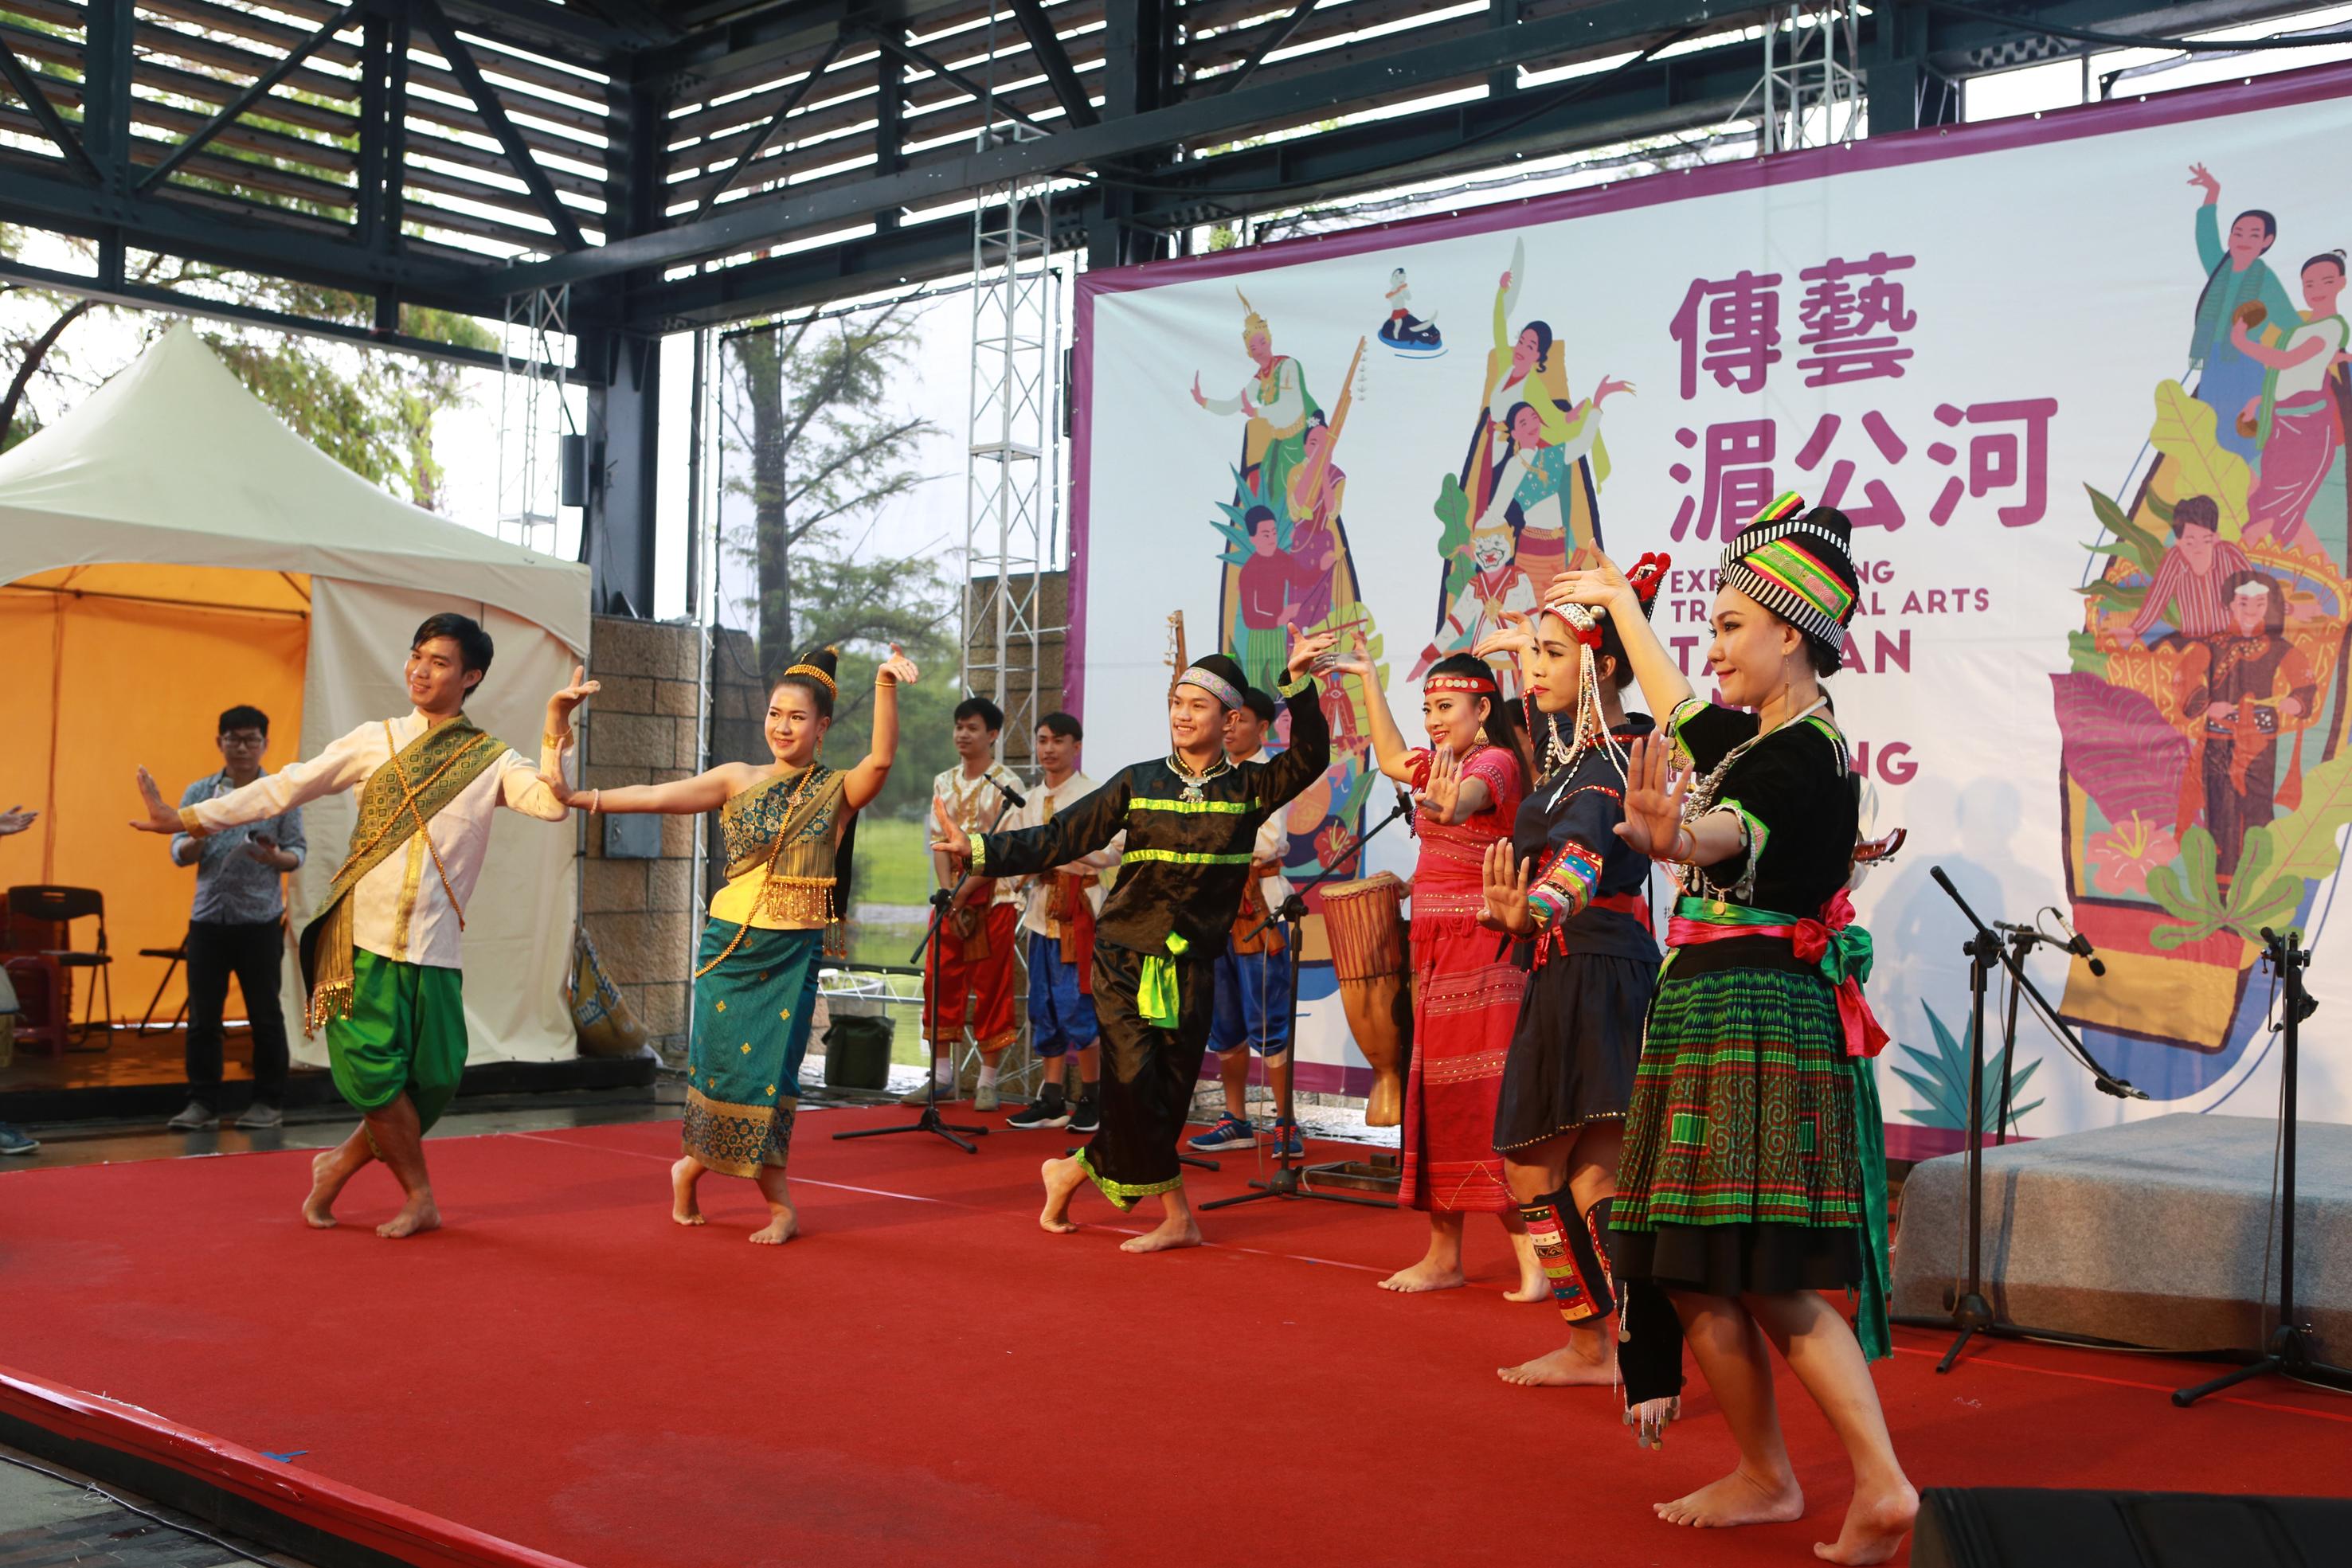 寮国传统民俗音乐团表演《五宝舞》。(曾汉东/大纪元)